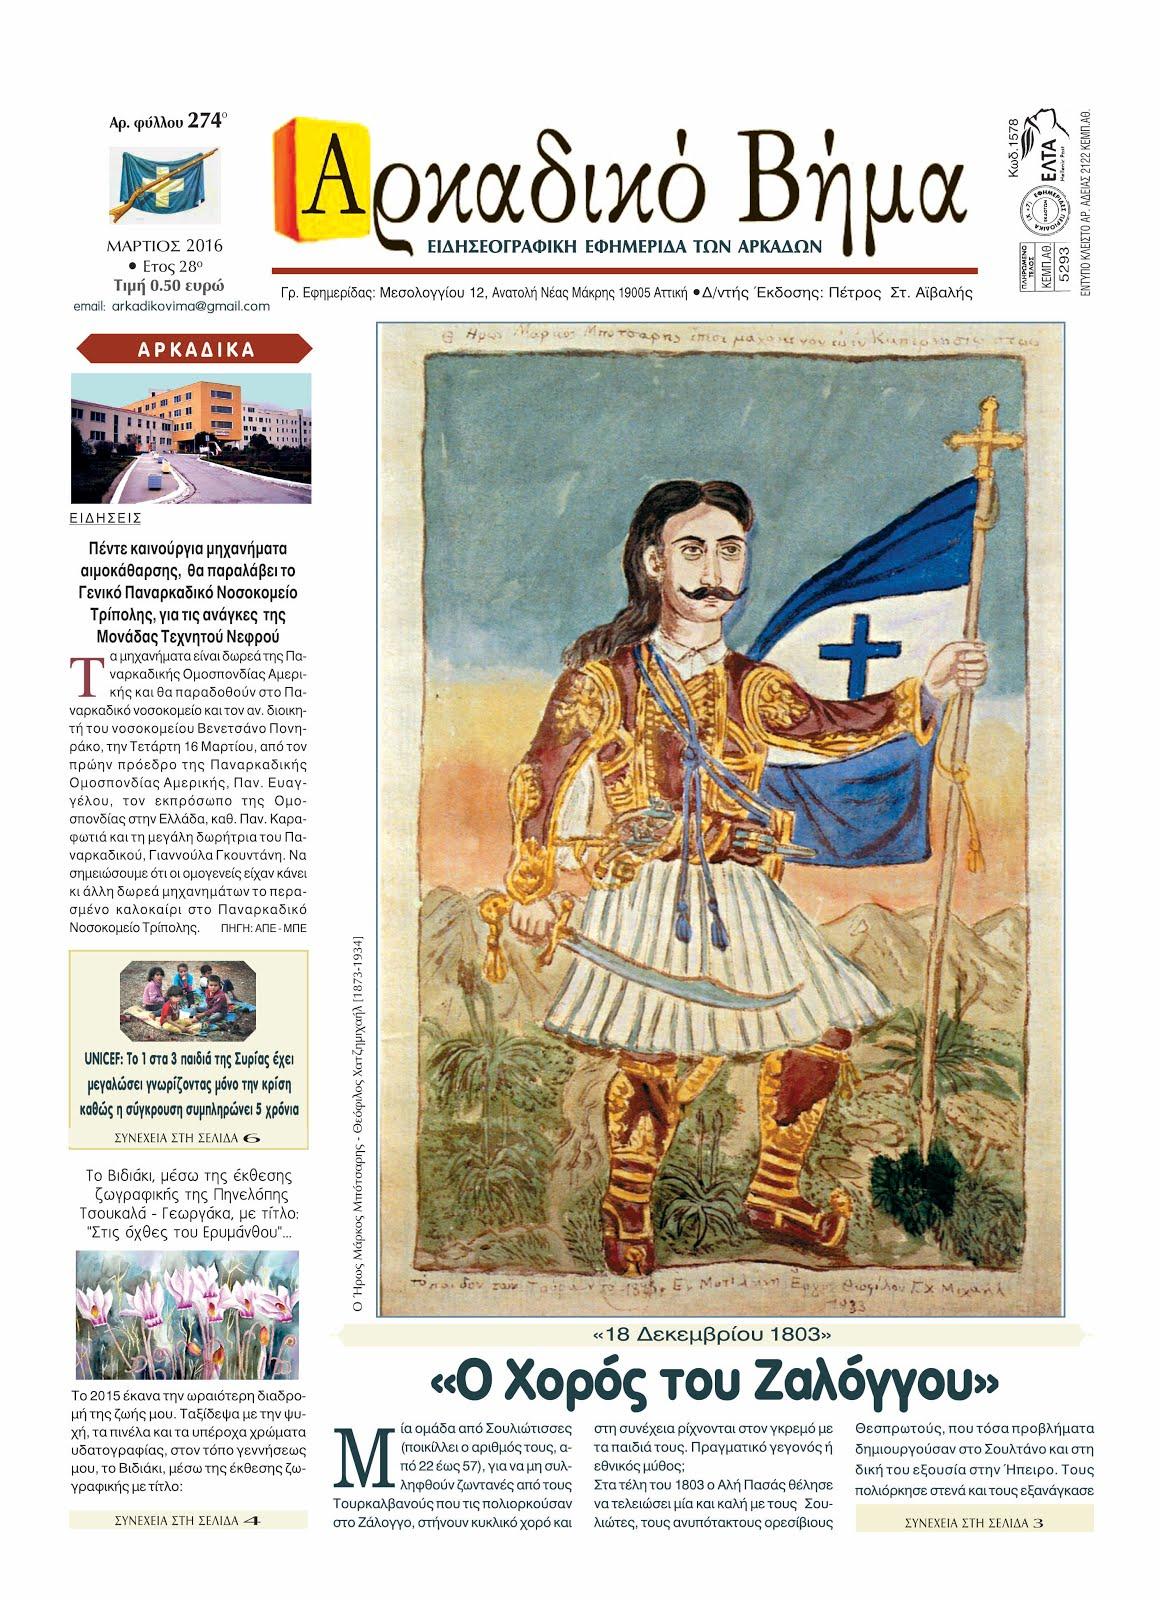 """Αρκαδικό Βήμα κυκλοφόρησε το φύλλο Μαρτίου 2016 - """"Ο Χορός του Ζαλόγγου"""""""